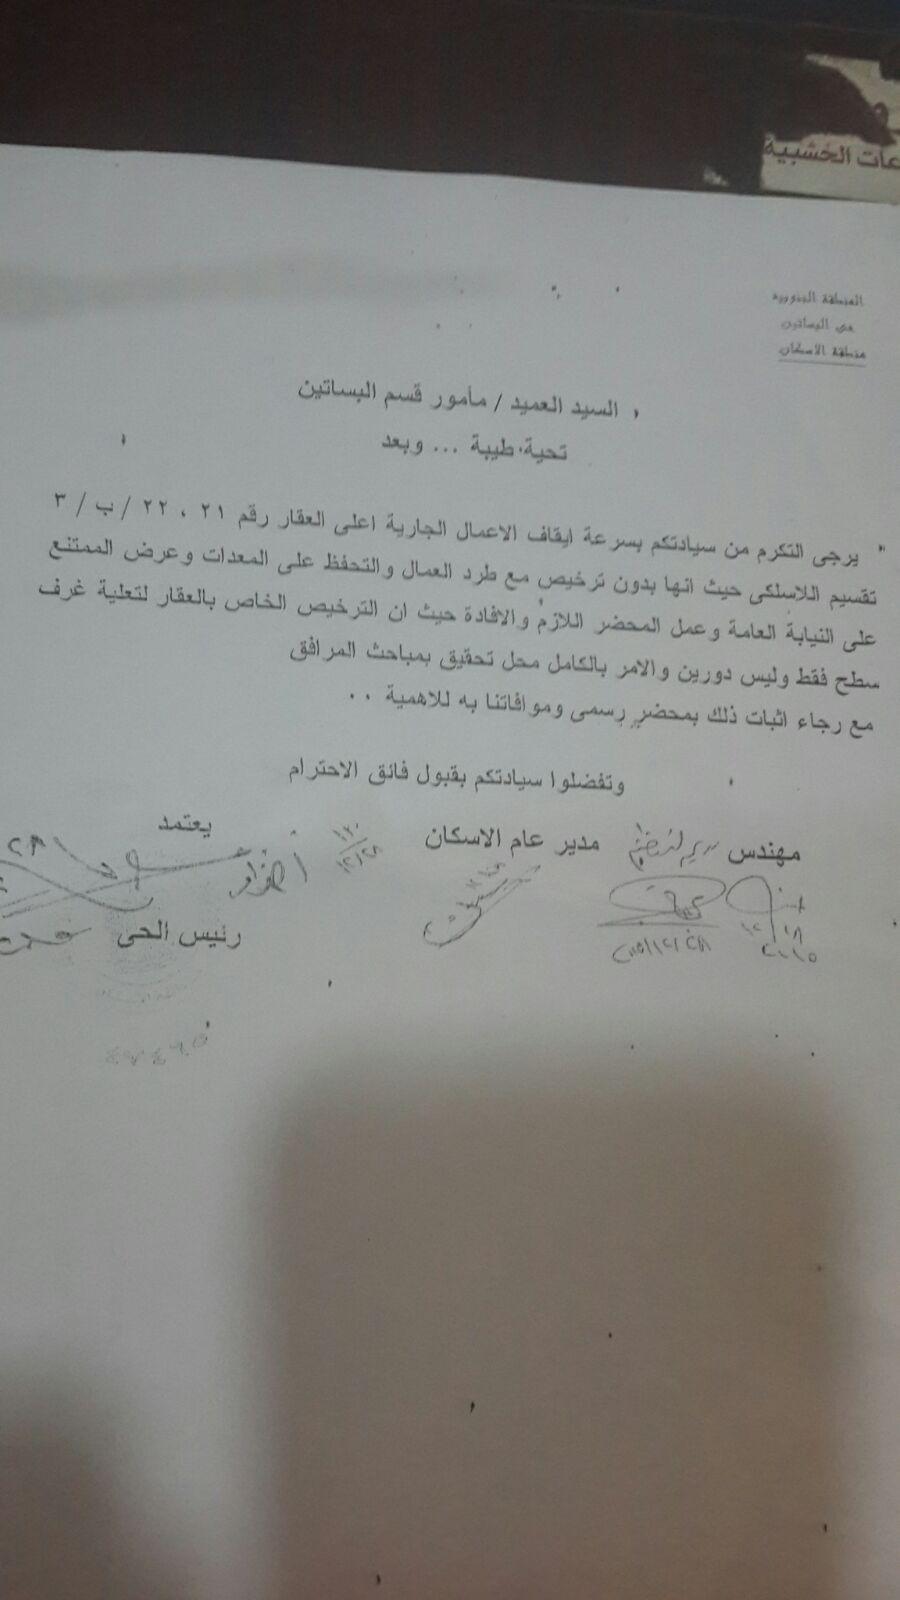 سكان عقار: قسم البساتين تقاعس عن إزالة دورين مخالفين.. وتجاهل خطاب الرئاسة